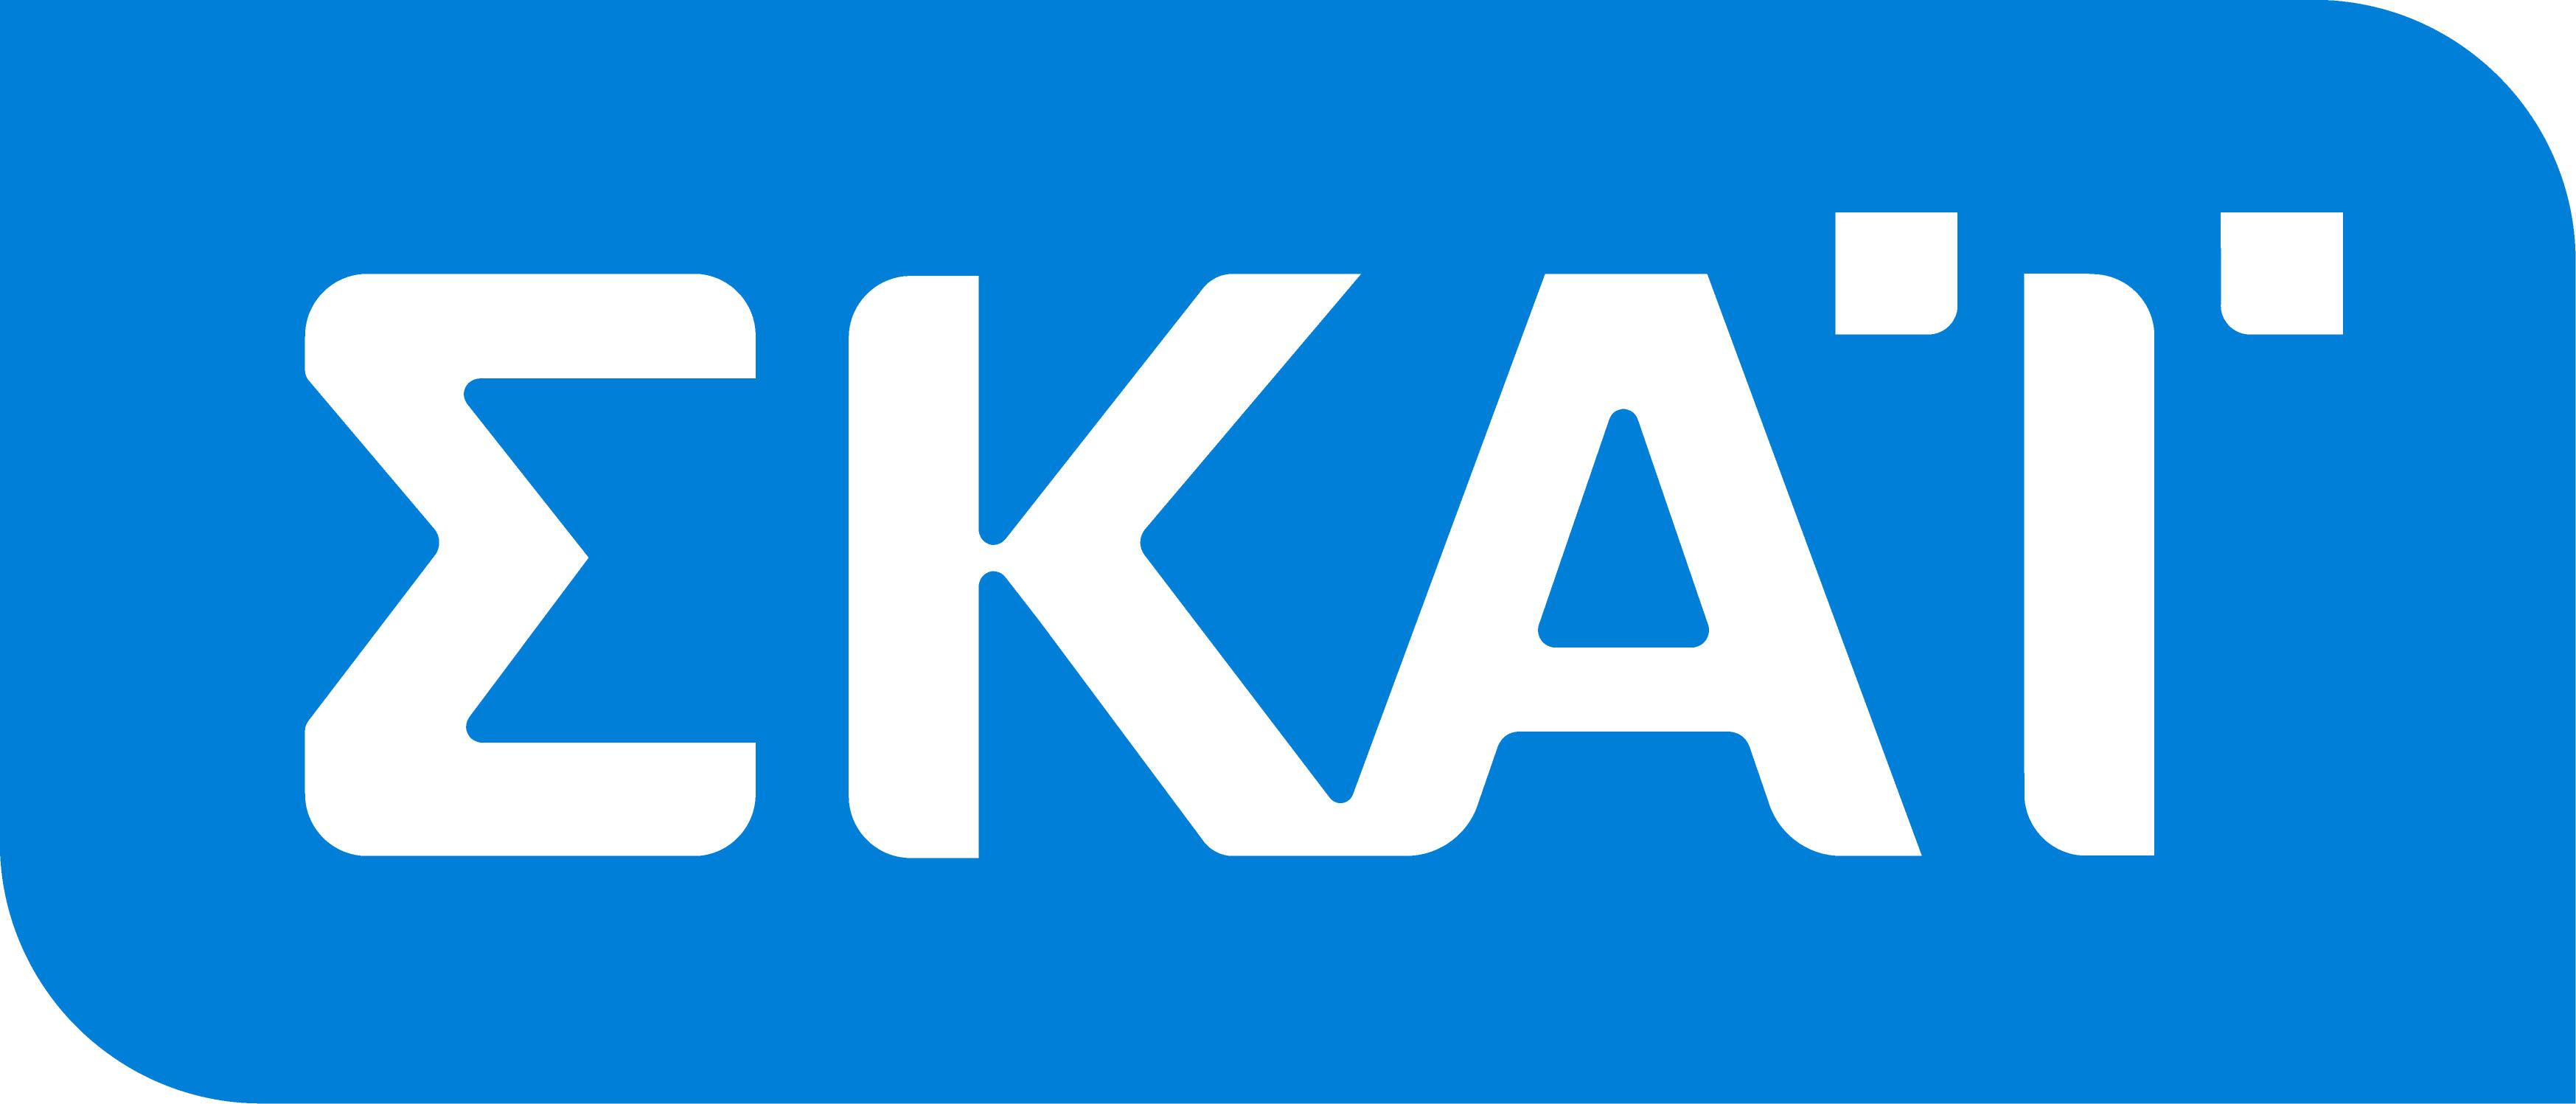 skai.gr